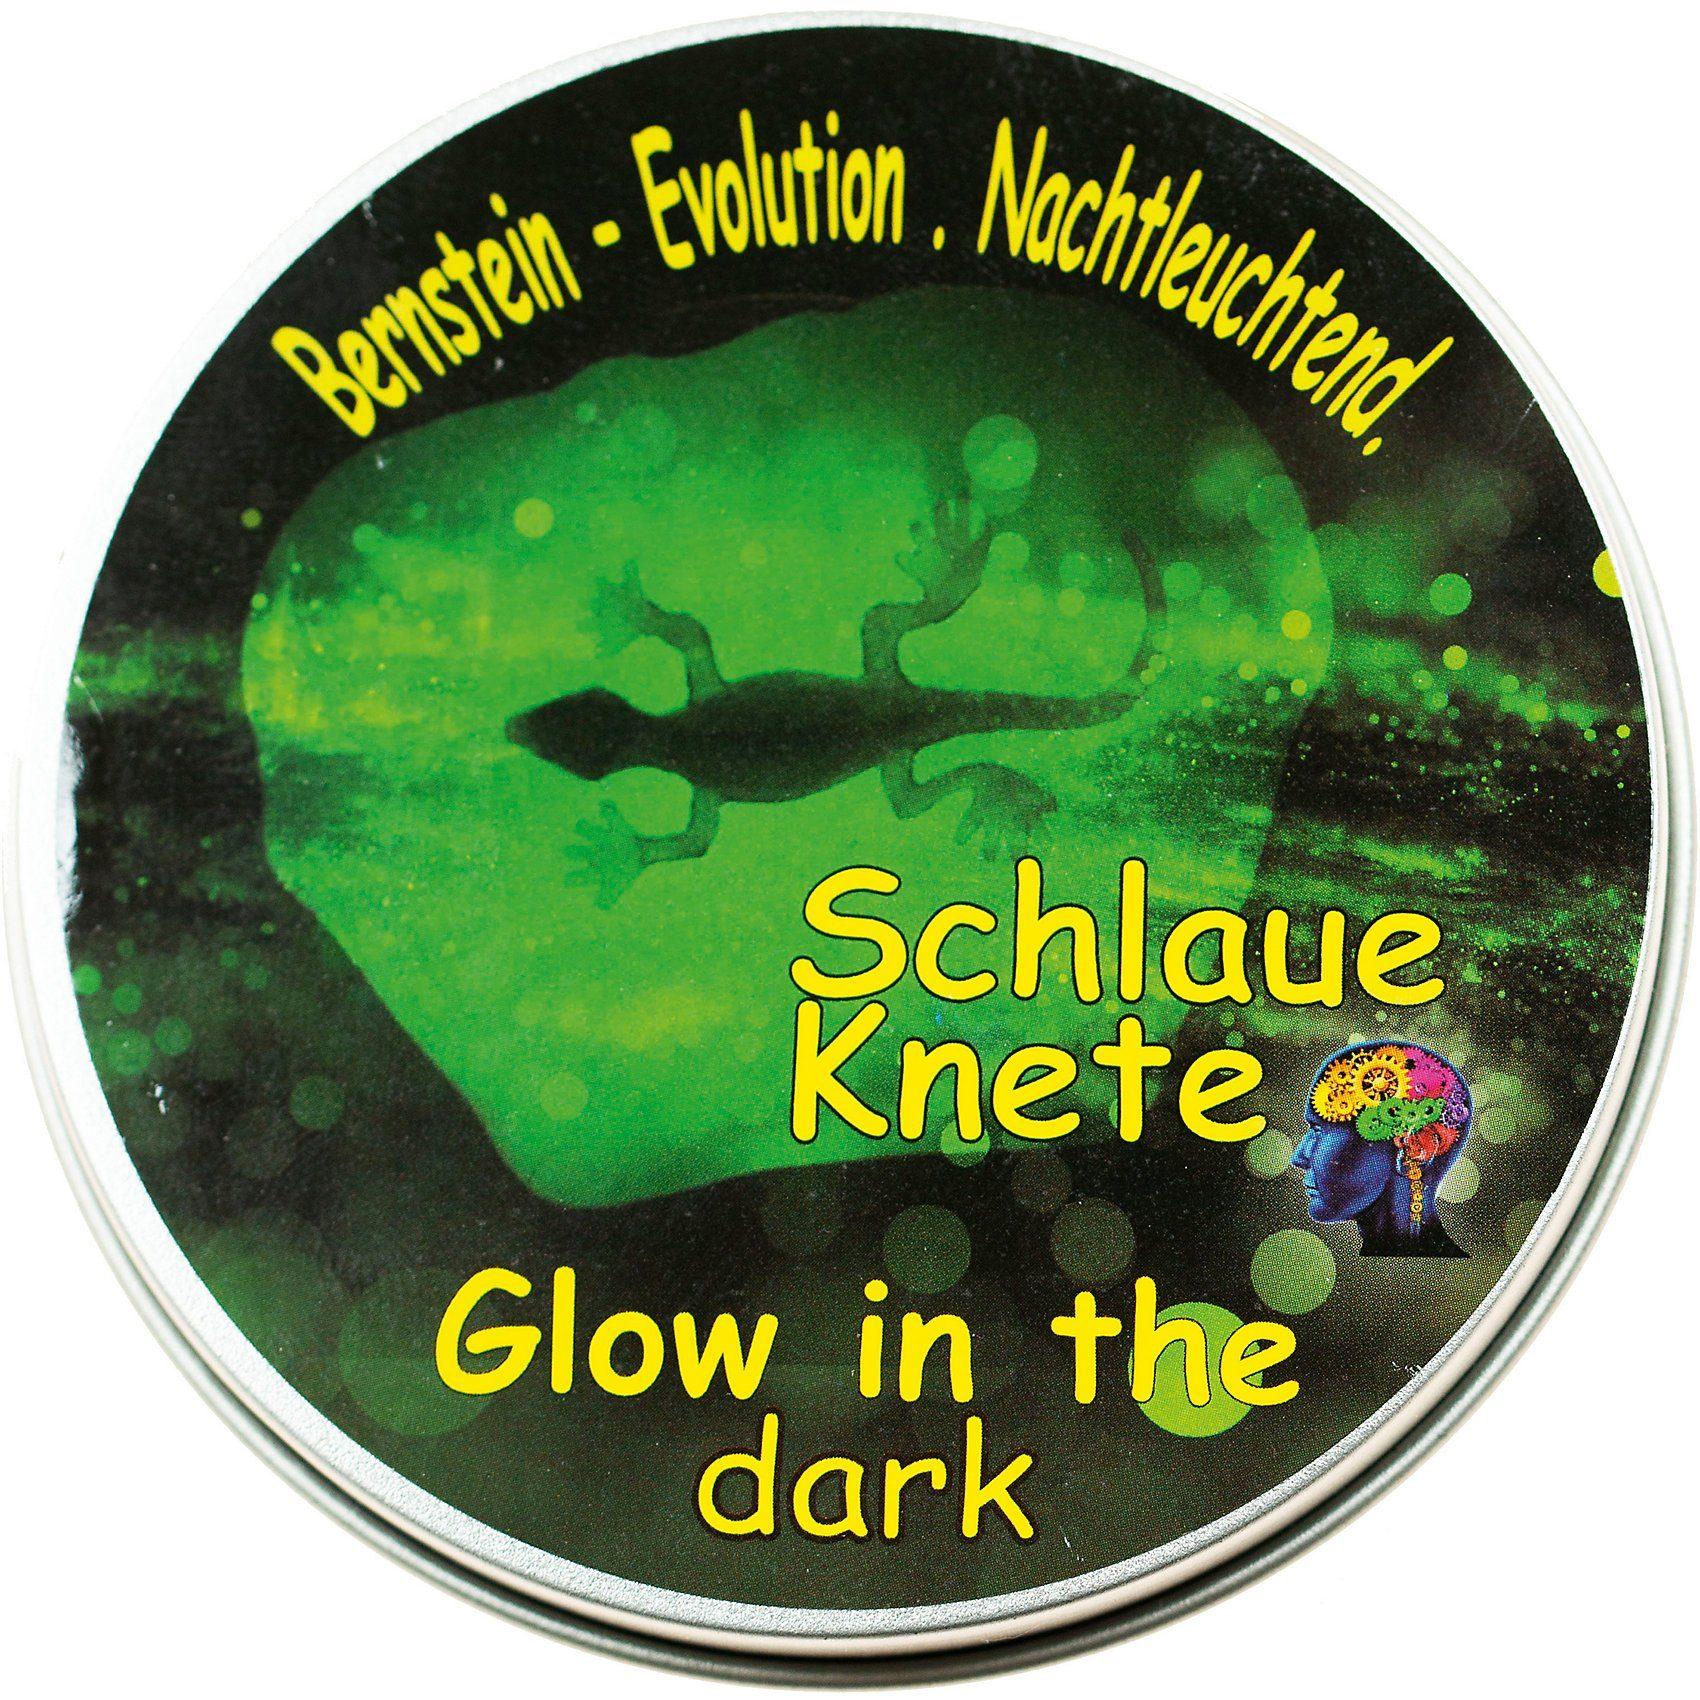 Schlaue Knete Leuchtet im Dunkeln, 50 g Metalldose